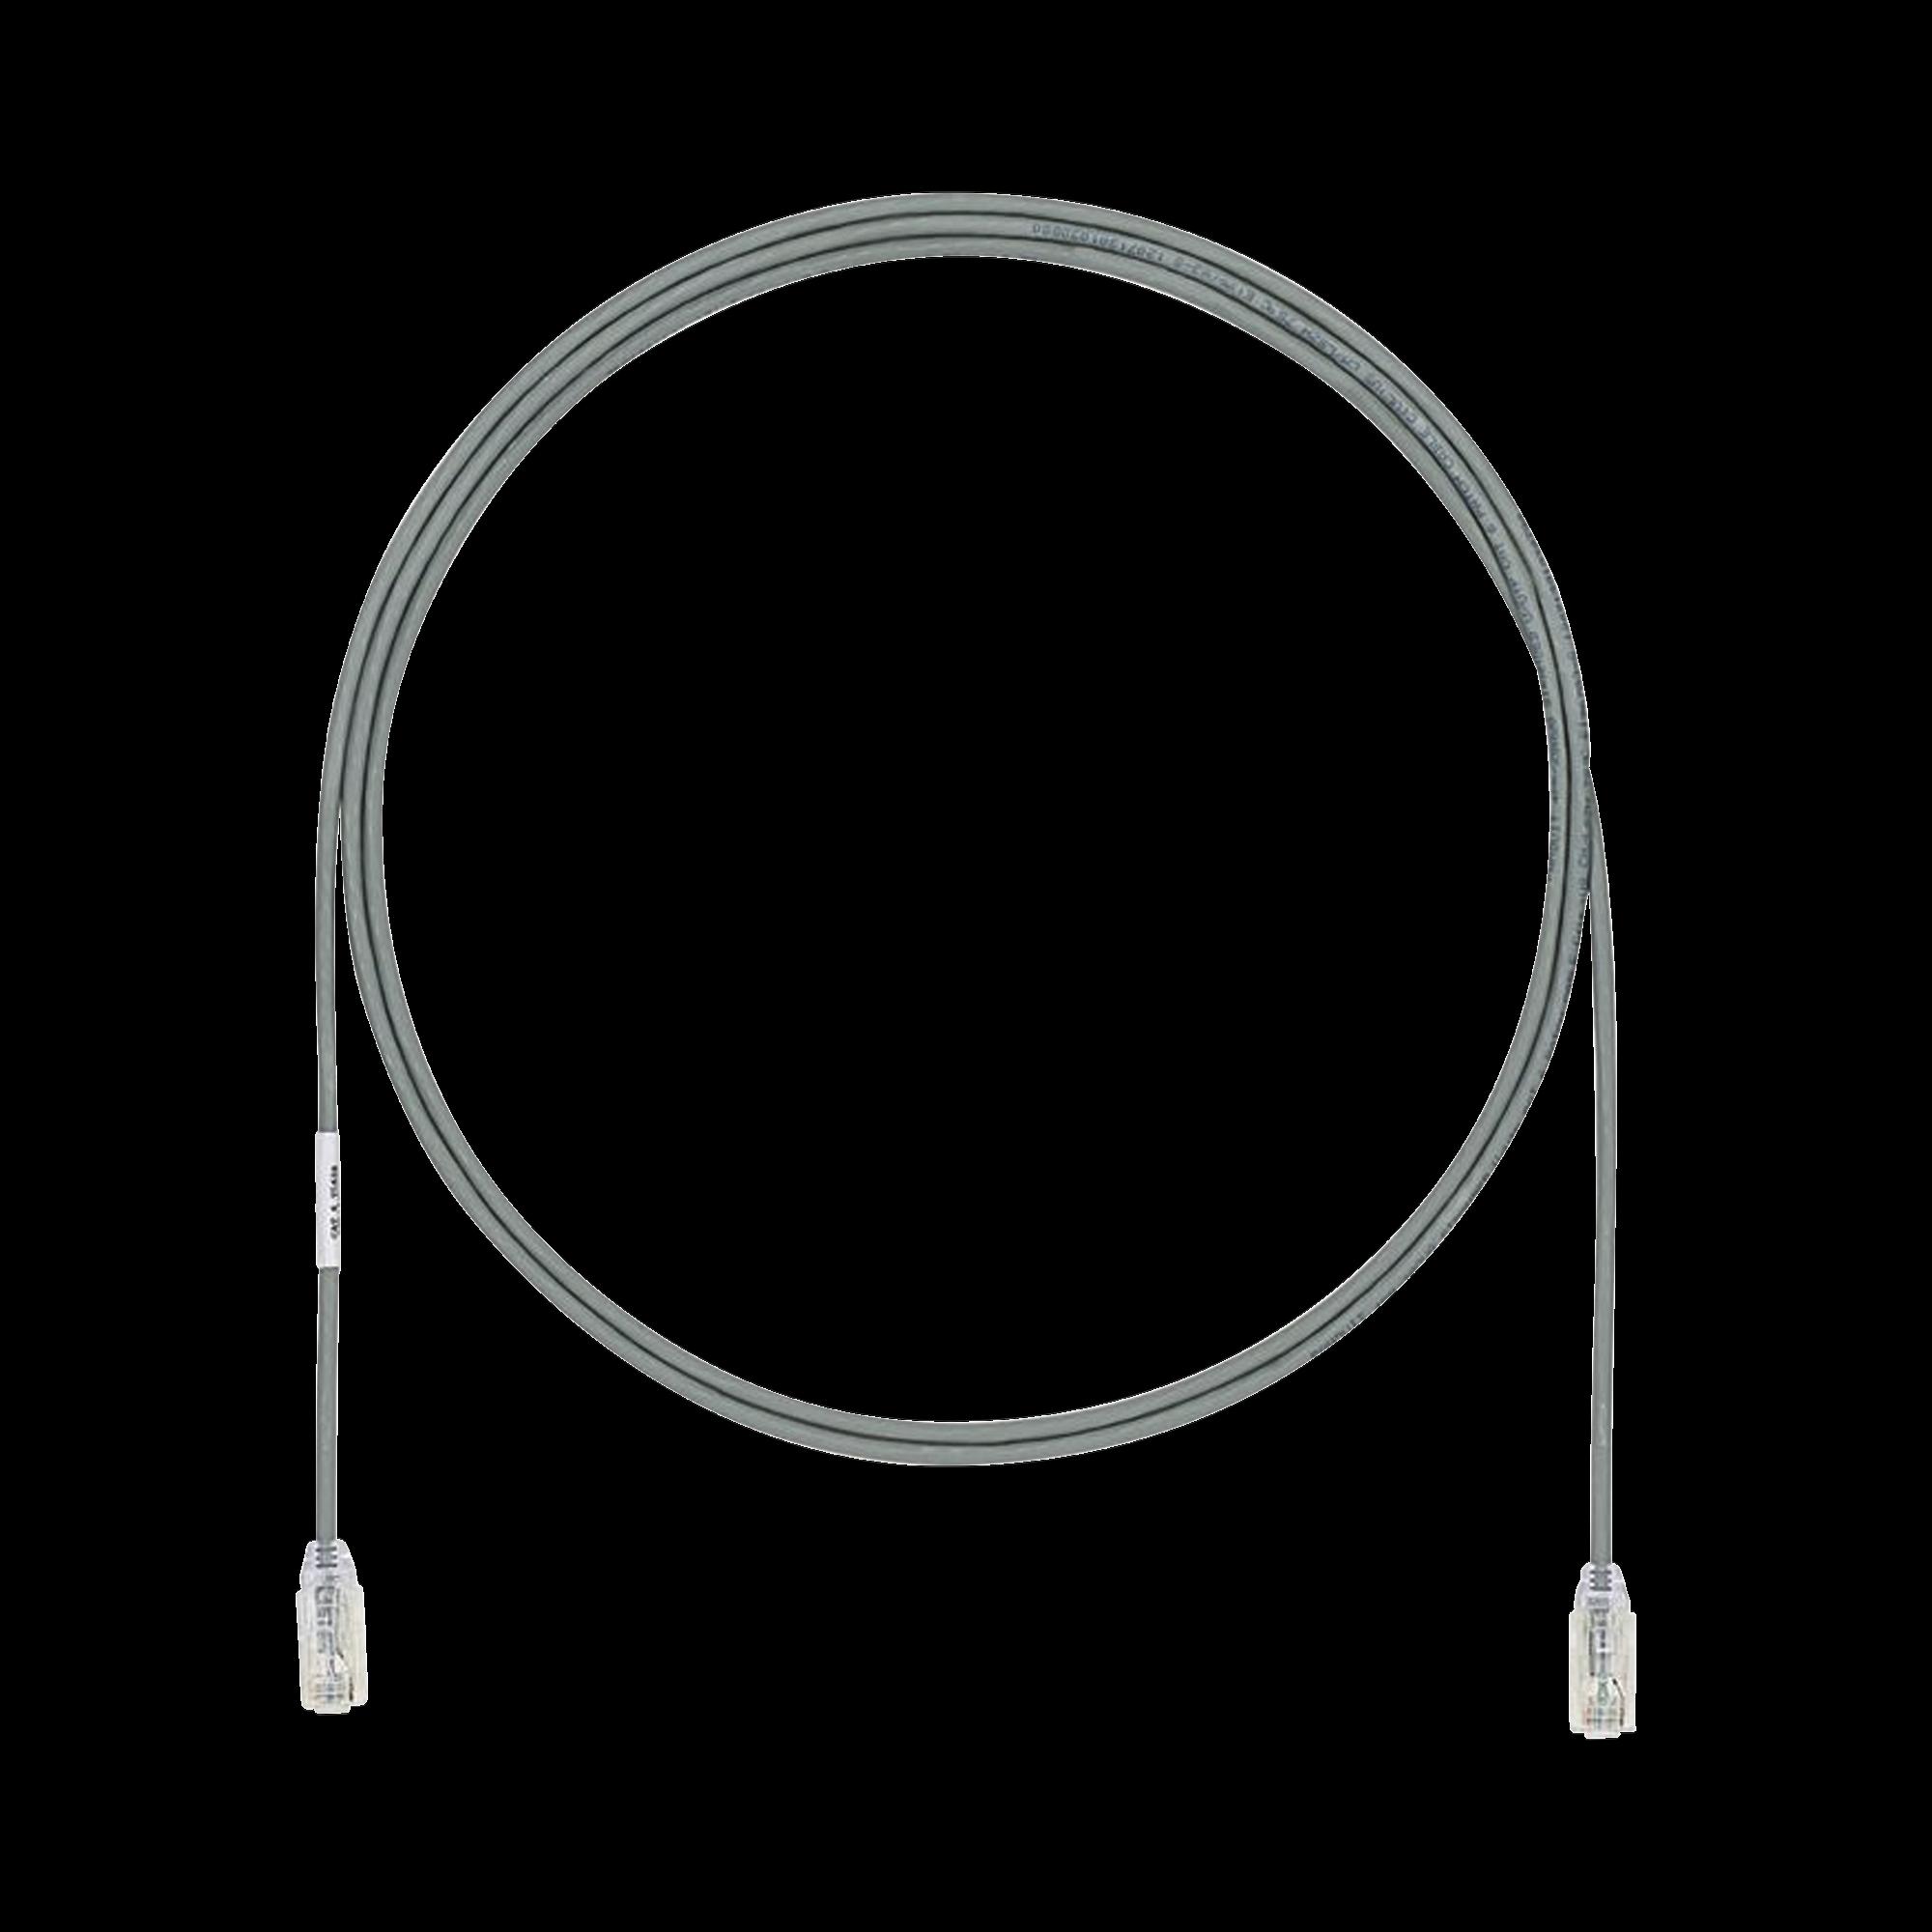 Cable de Parcheo UTP Cat6A, CM/LSZH, Diámetro Reducido (28AWG), Color Gris, 6ft